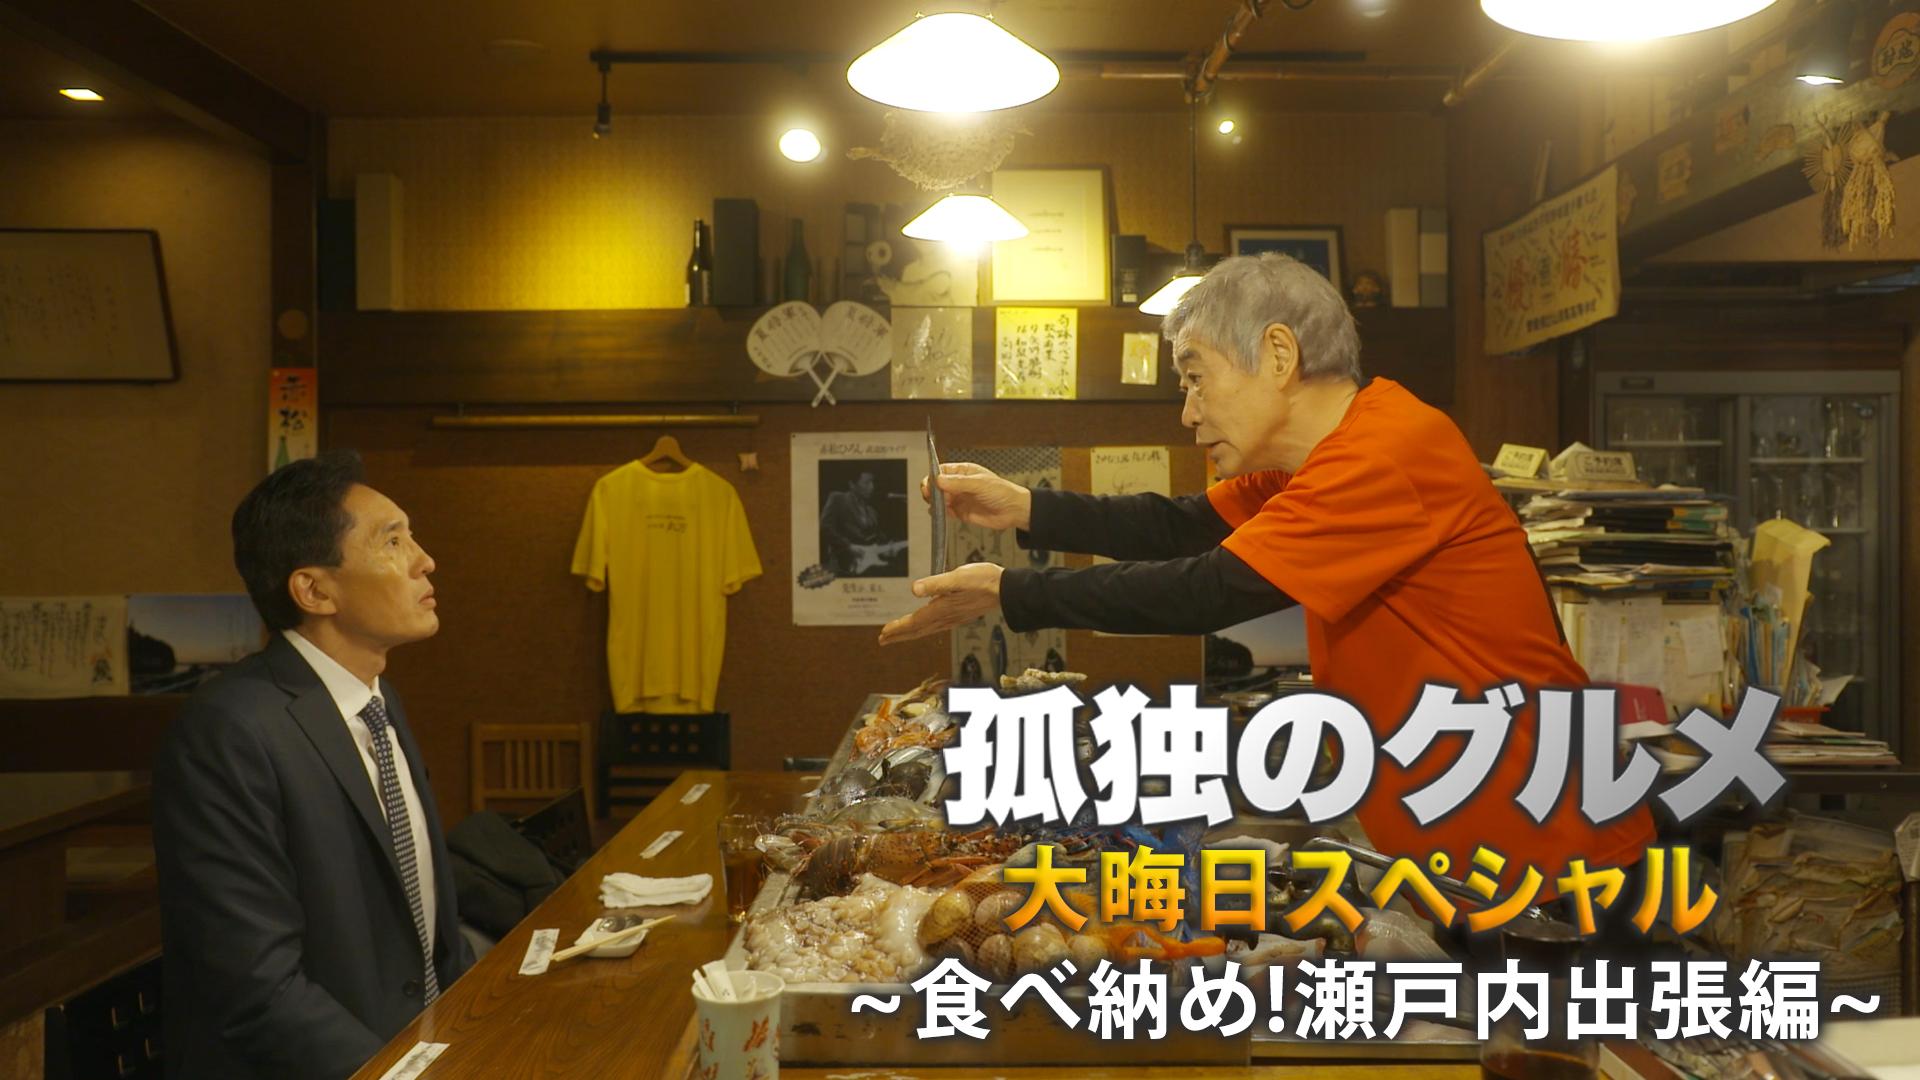 孤独のグルメ 大晦日スペシャル~食べ納め!瀬戸内出張編~の動画 - 孤独のグルメ Season7